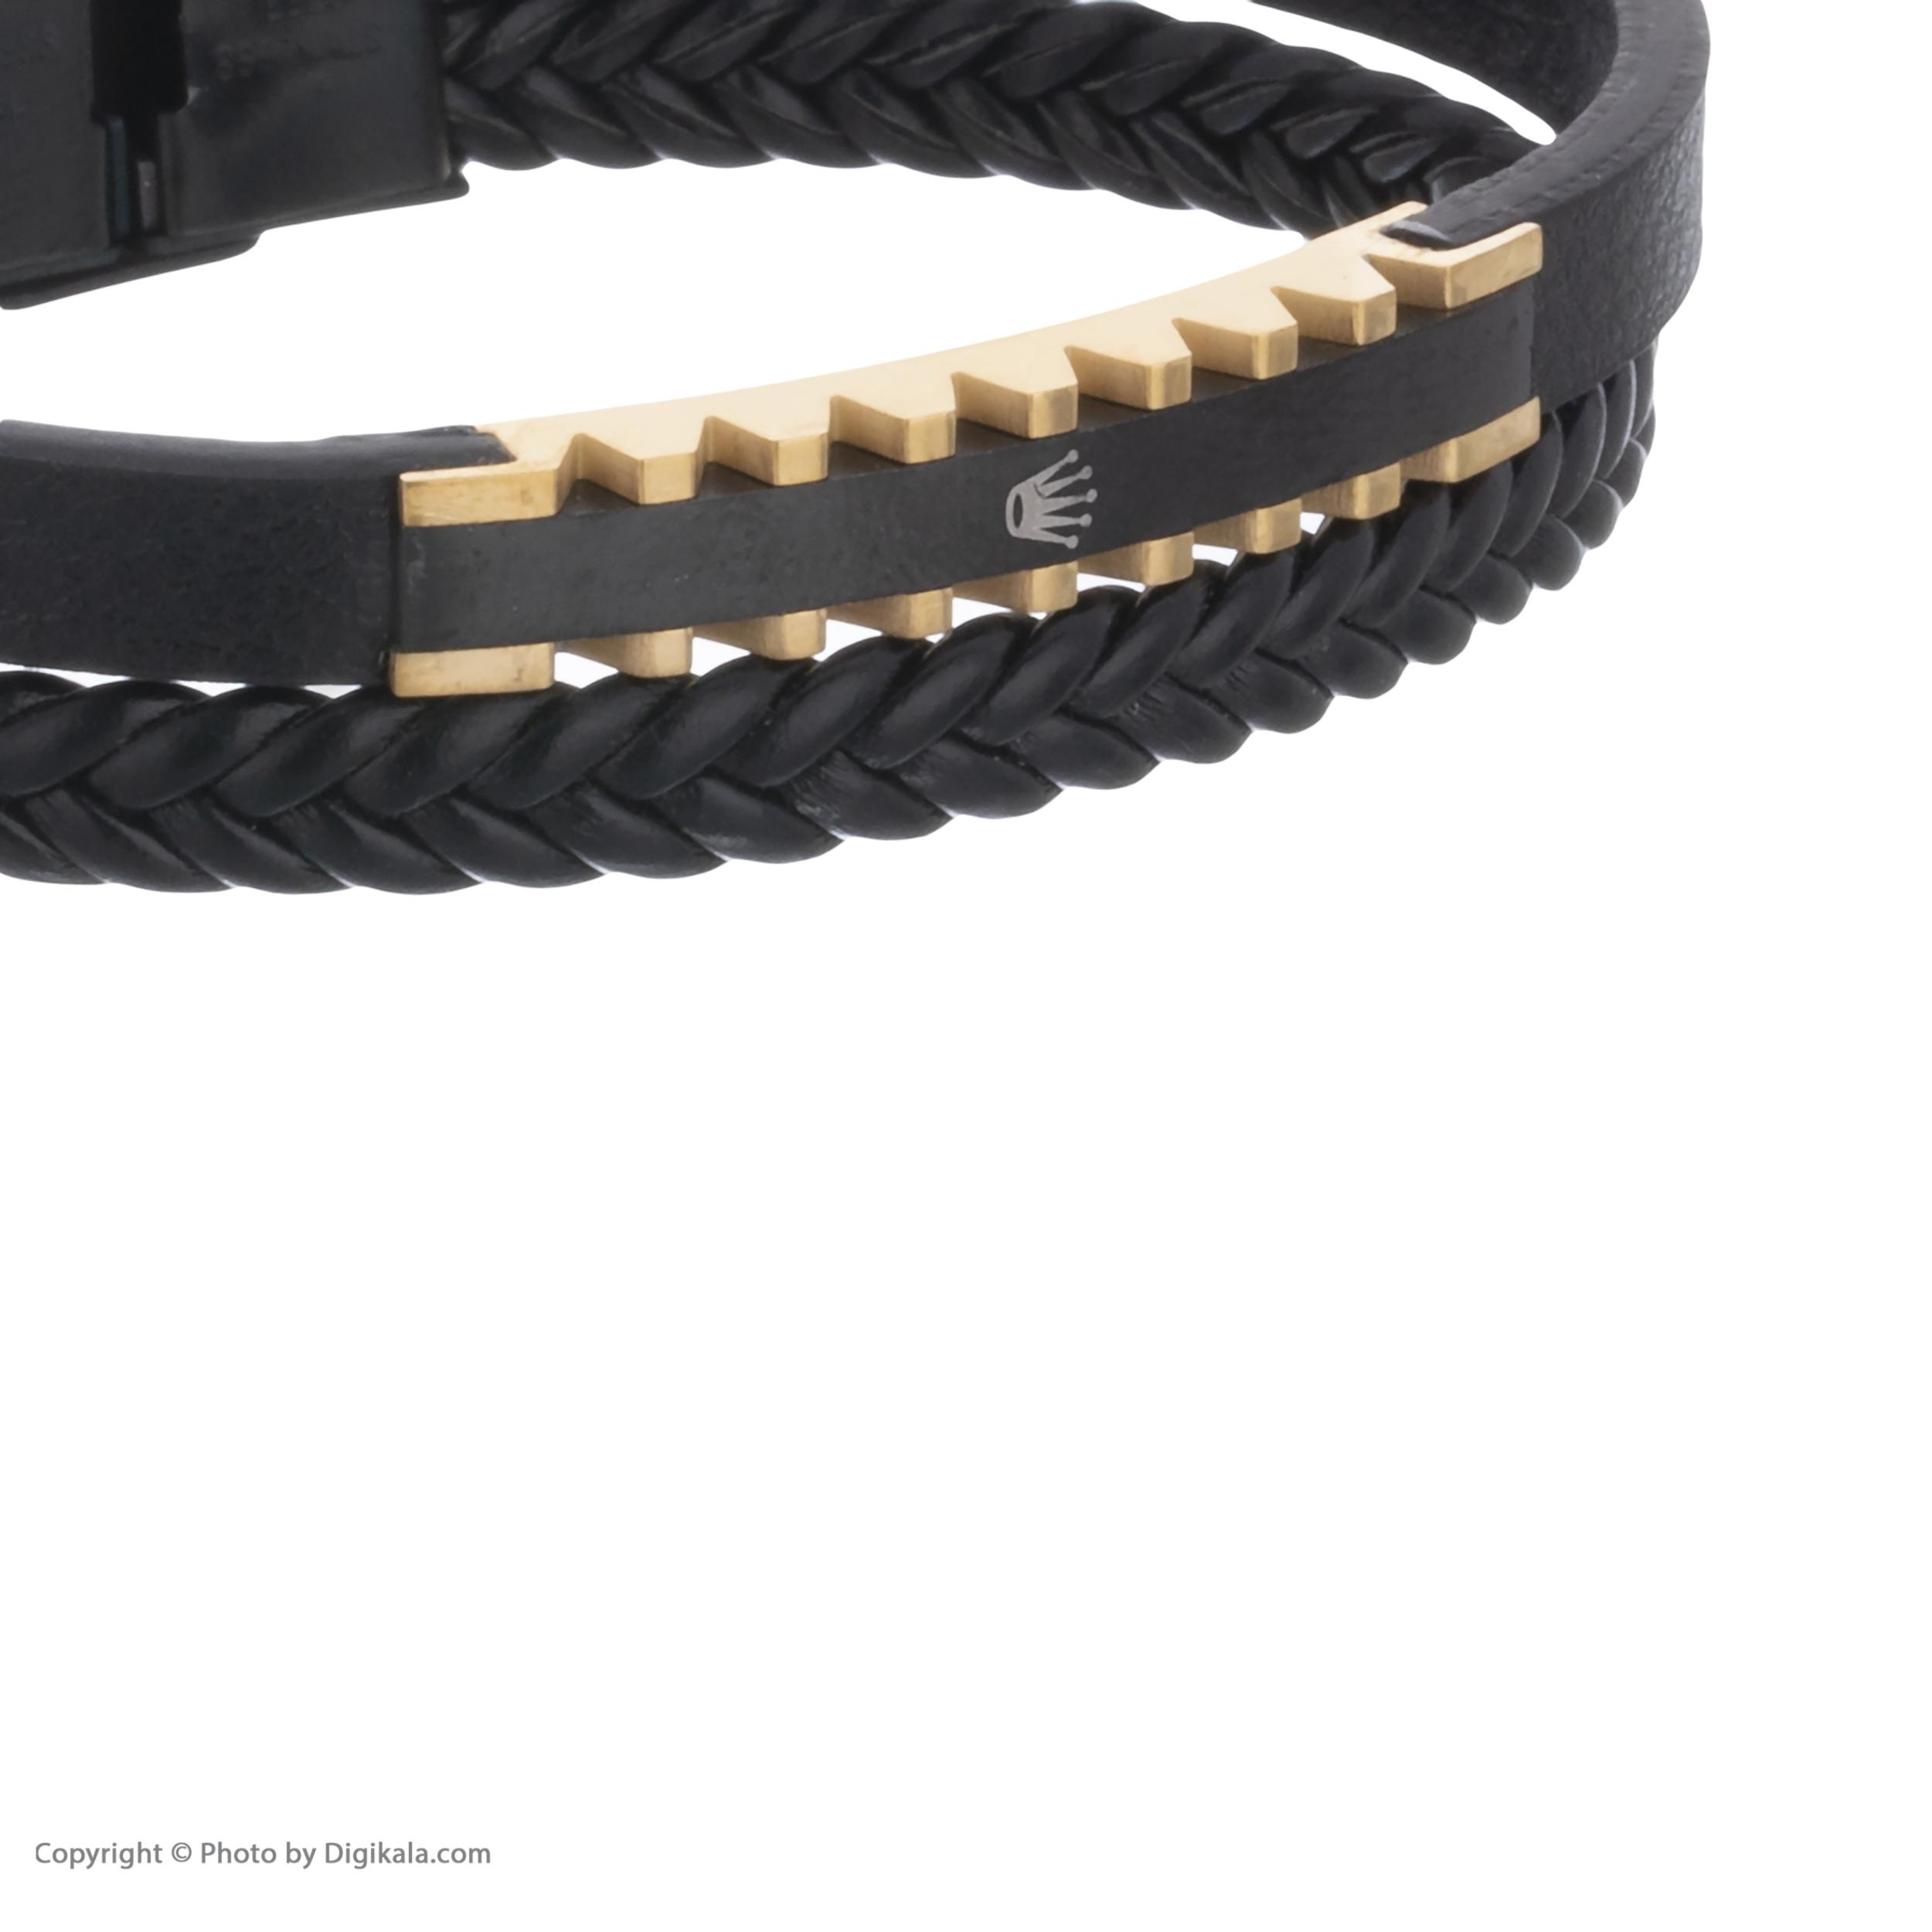 دستبند مردانه کد 02-2 main 1 2